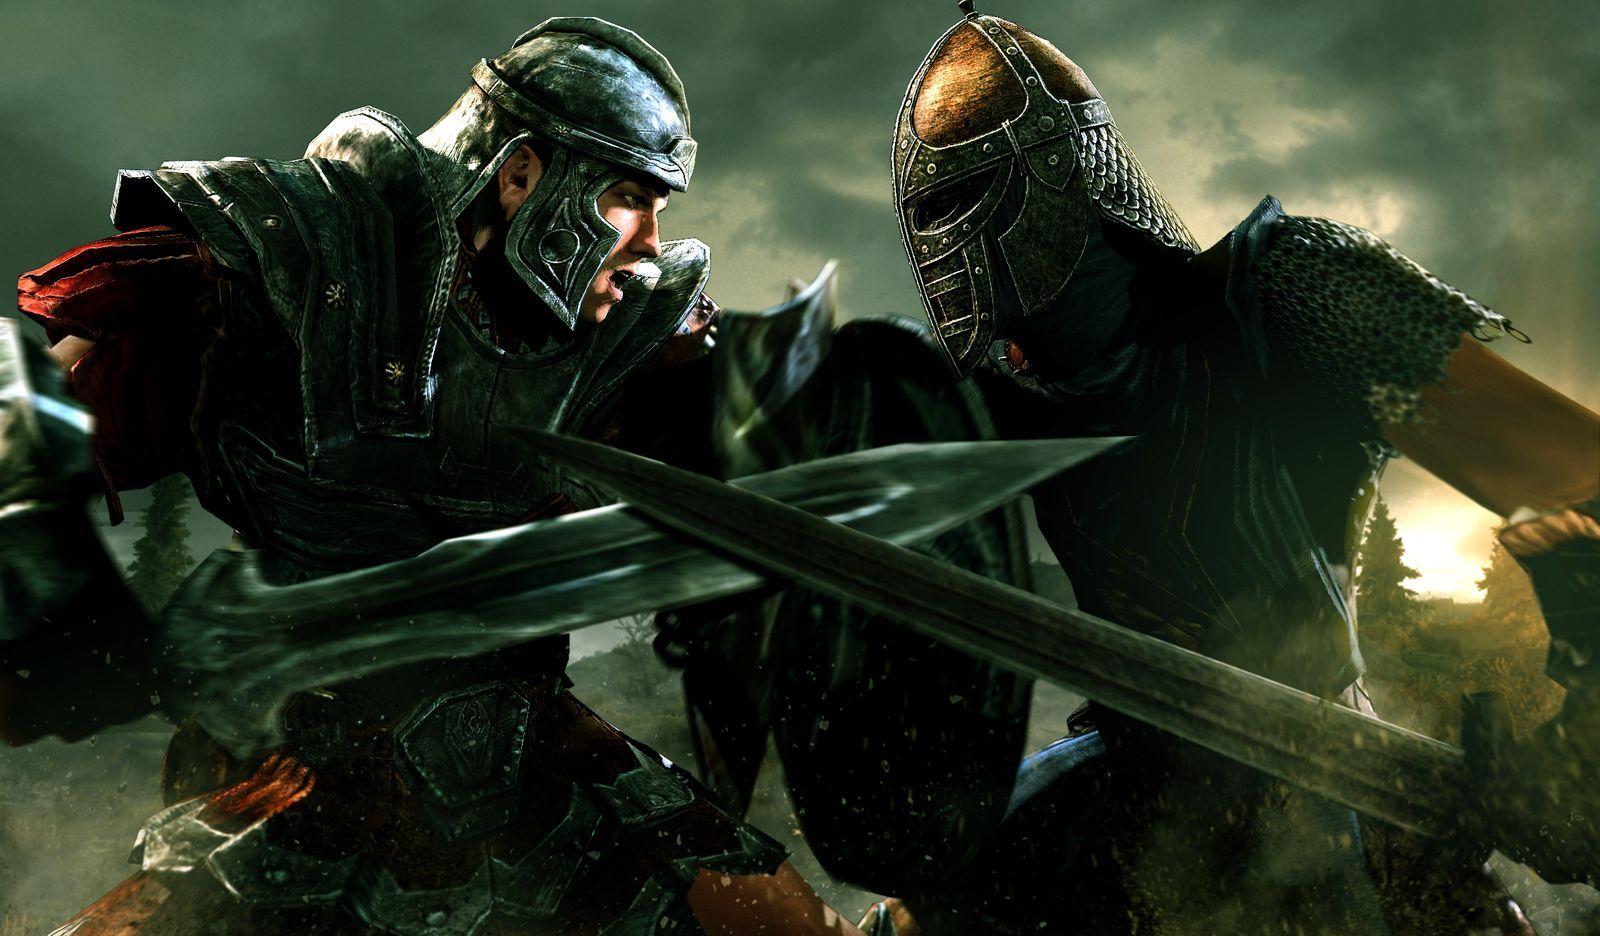 ¿El imperio o los capas de la tormenta de Skyrim?